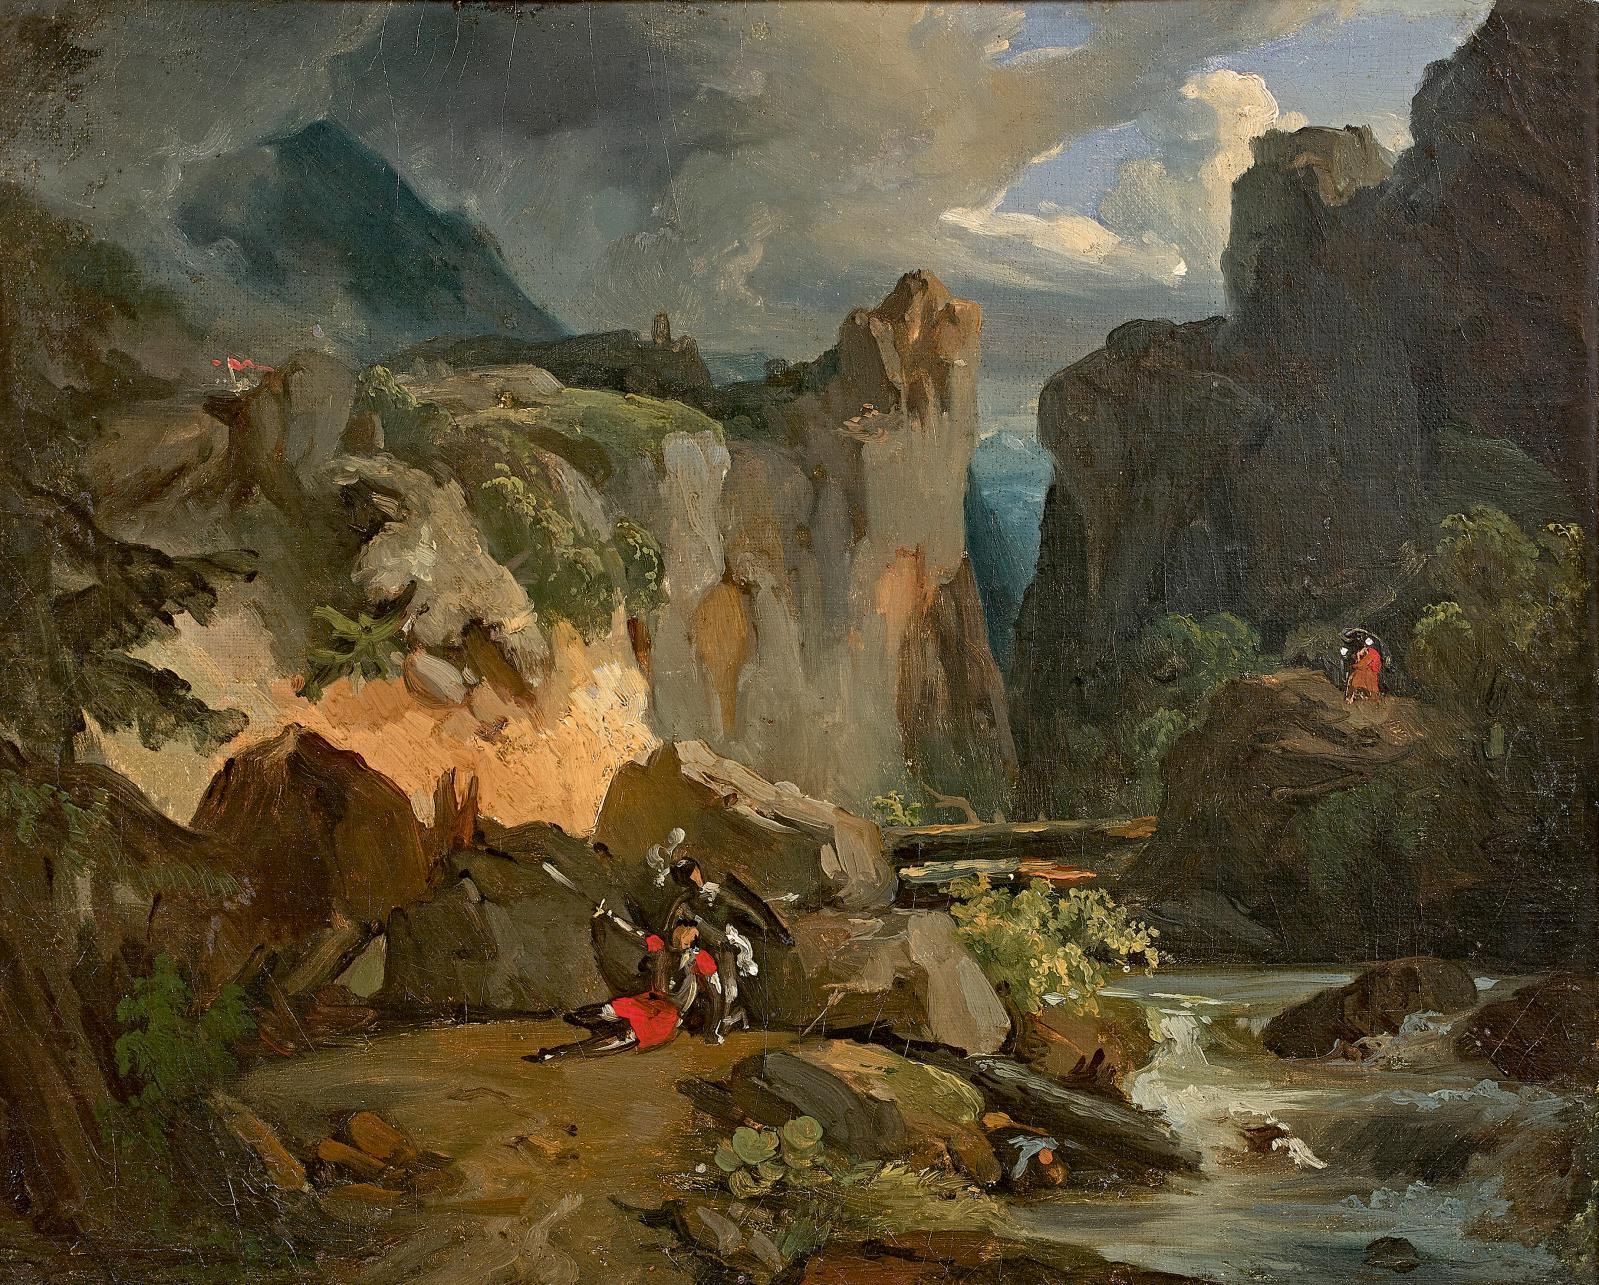 Achille-Etna Michallon (1795-1822), La Mort de Roland, huile sur toile, 32x40,6cm. Estimation: 8000/12000€